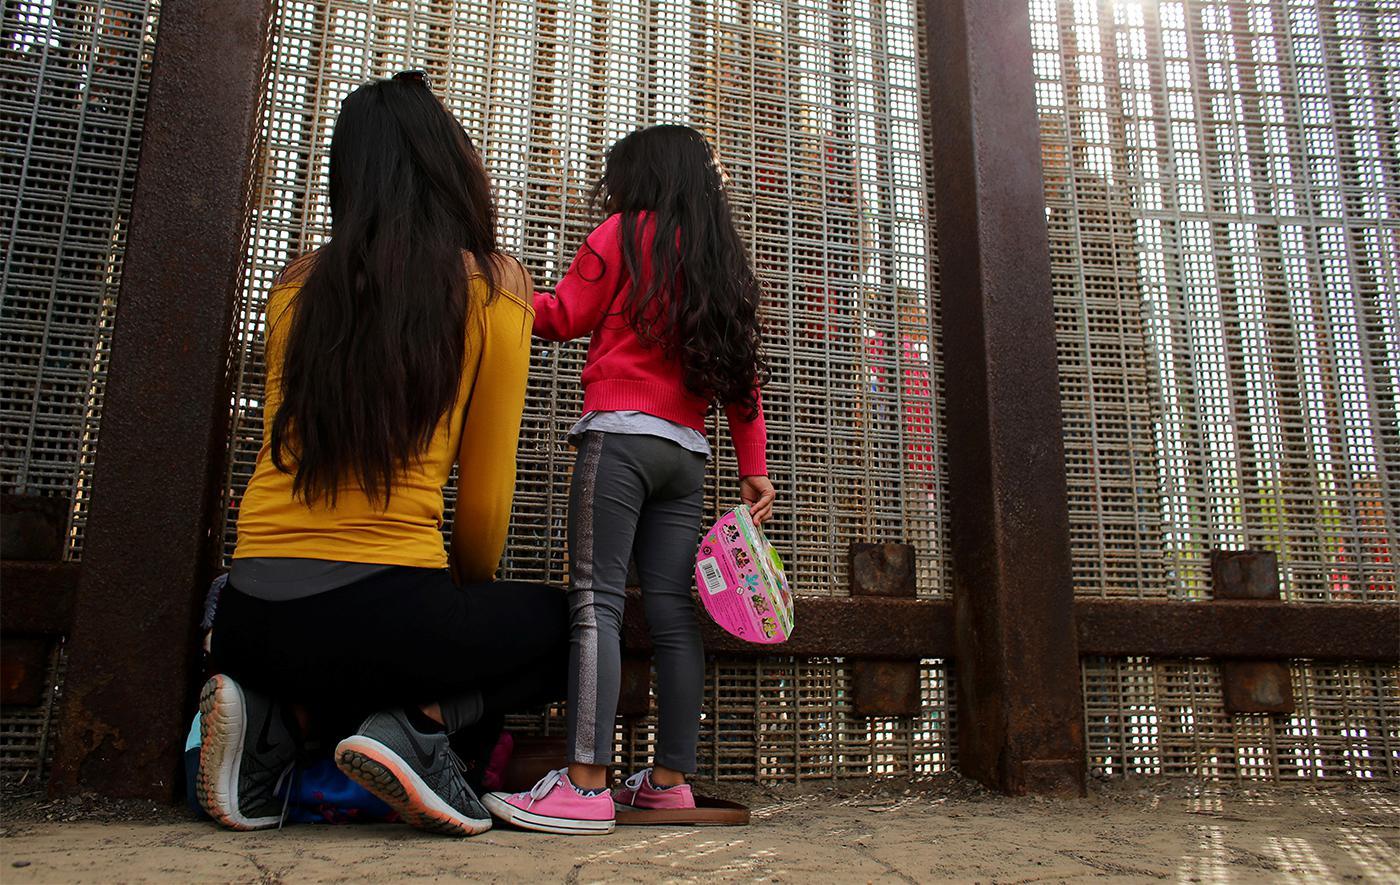 Члены одной семьи разговаривают между собой через заграждение на границе США и Мексики, Пограничный полевой парк, Калифорния, 19 ноября 2016 г.